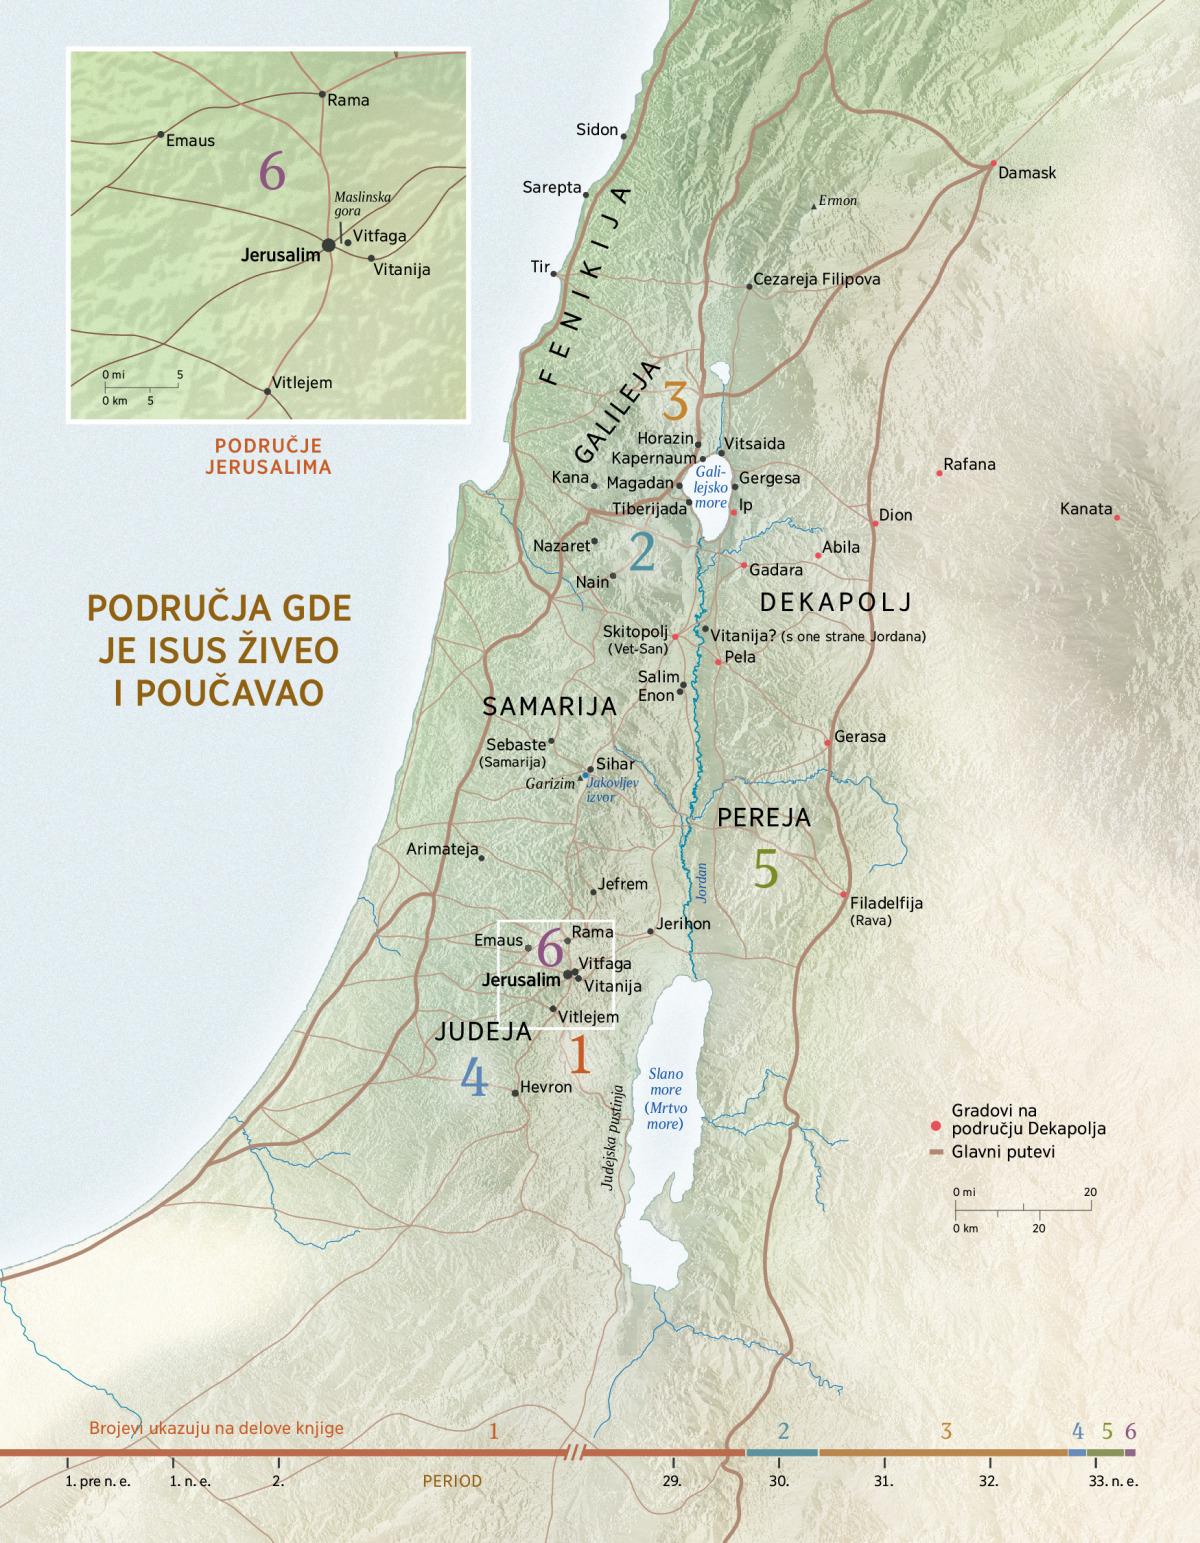 Geografska Karta Podrucja Gde Je Isus Ziveo I Poucavao Isusov Zivot